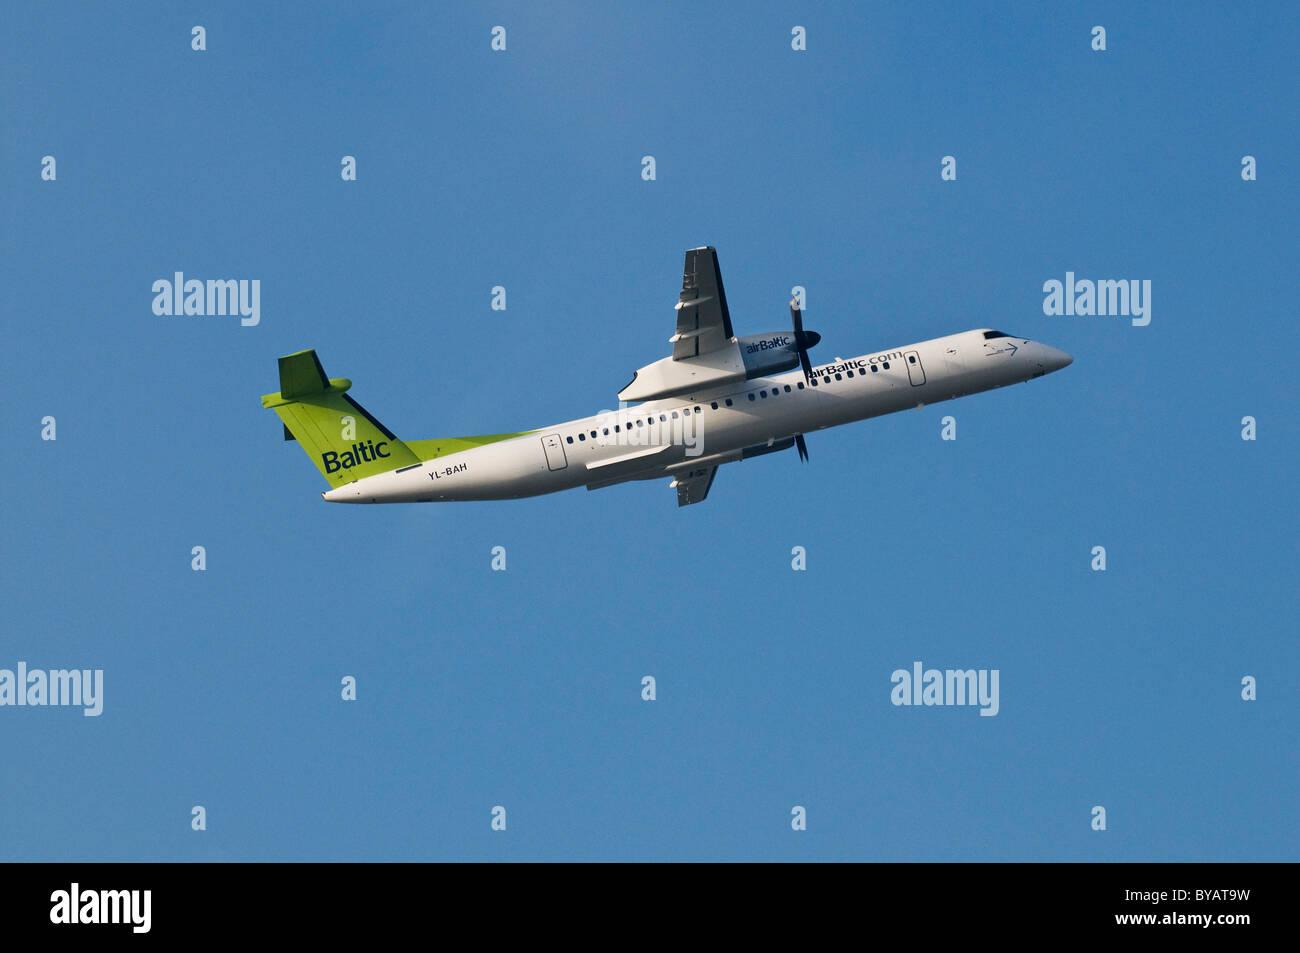 Baltic Air De Havilland Canada, propeller aircraft climbing - Stock Image